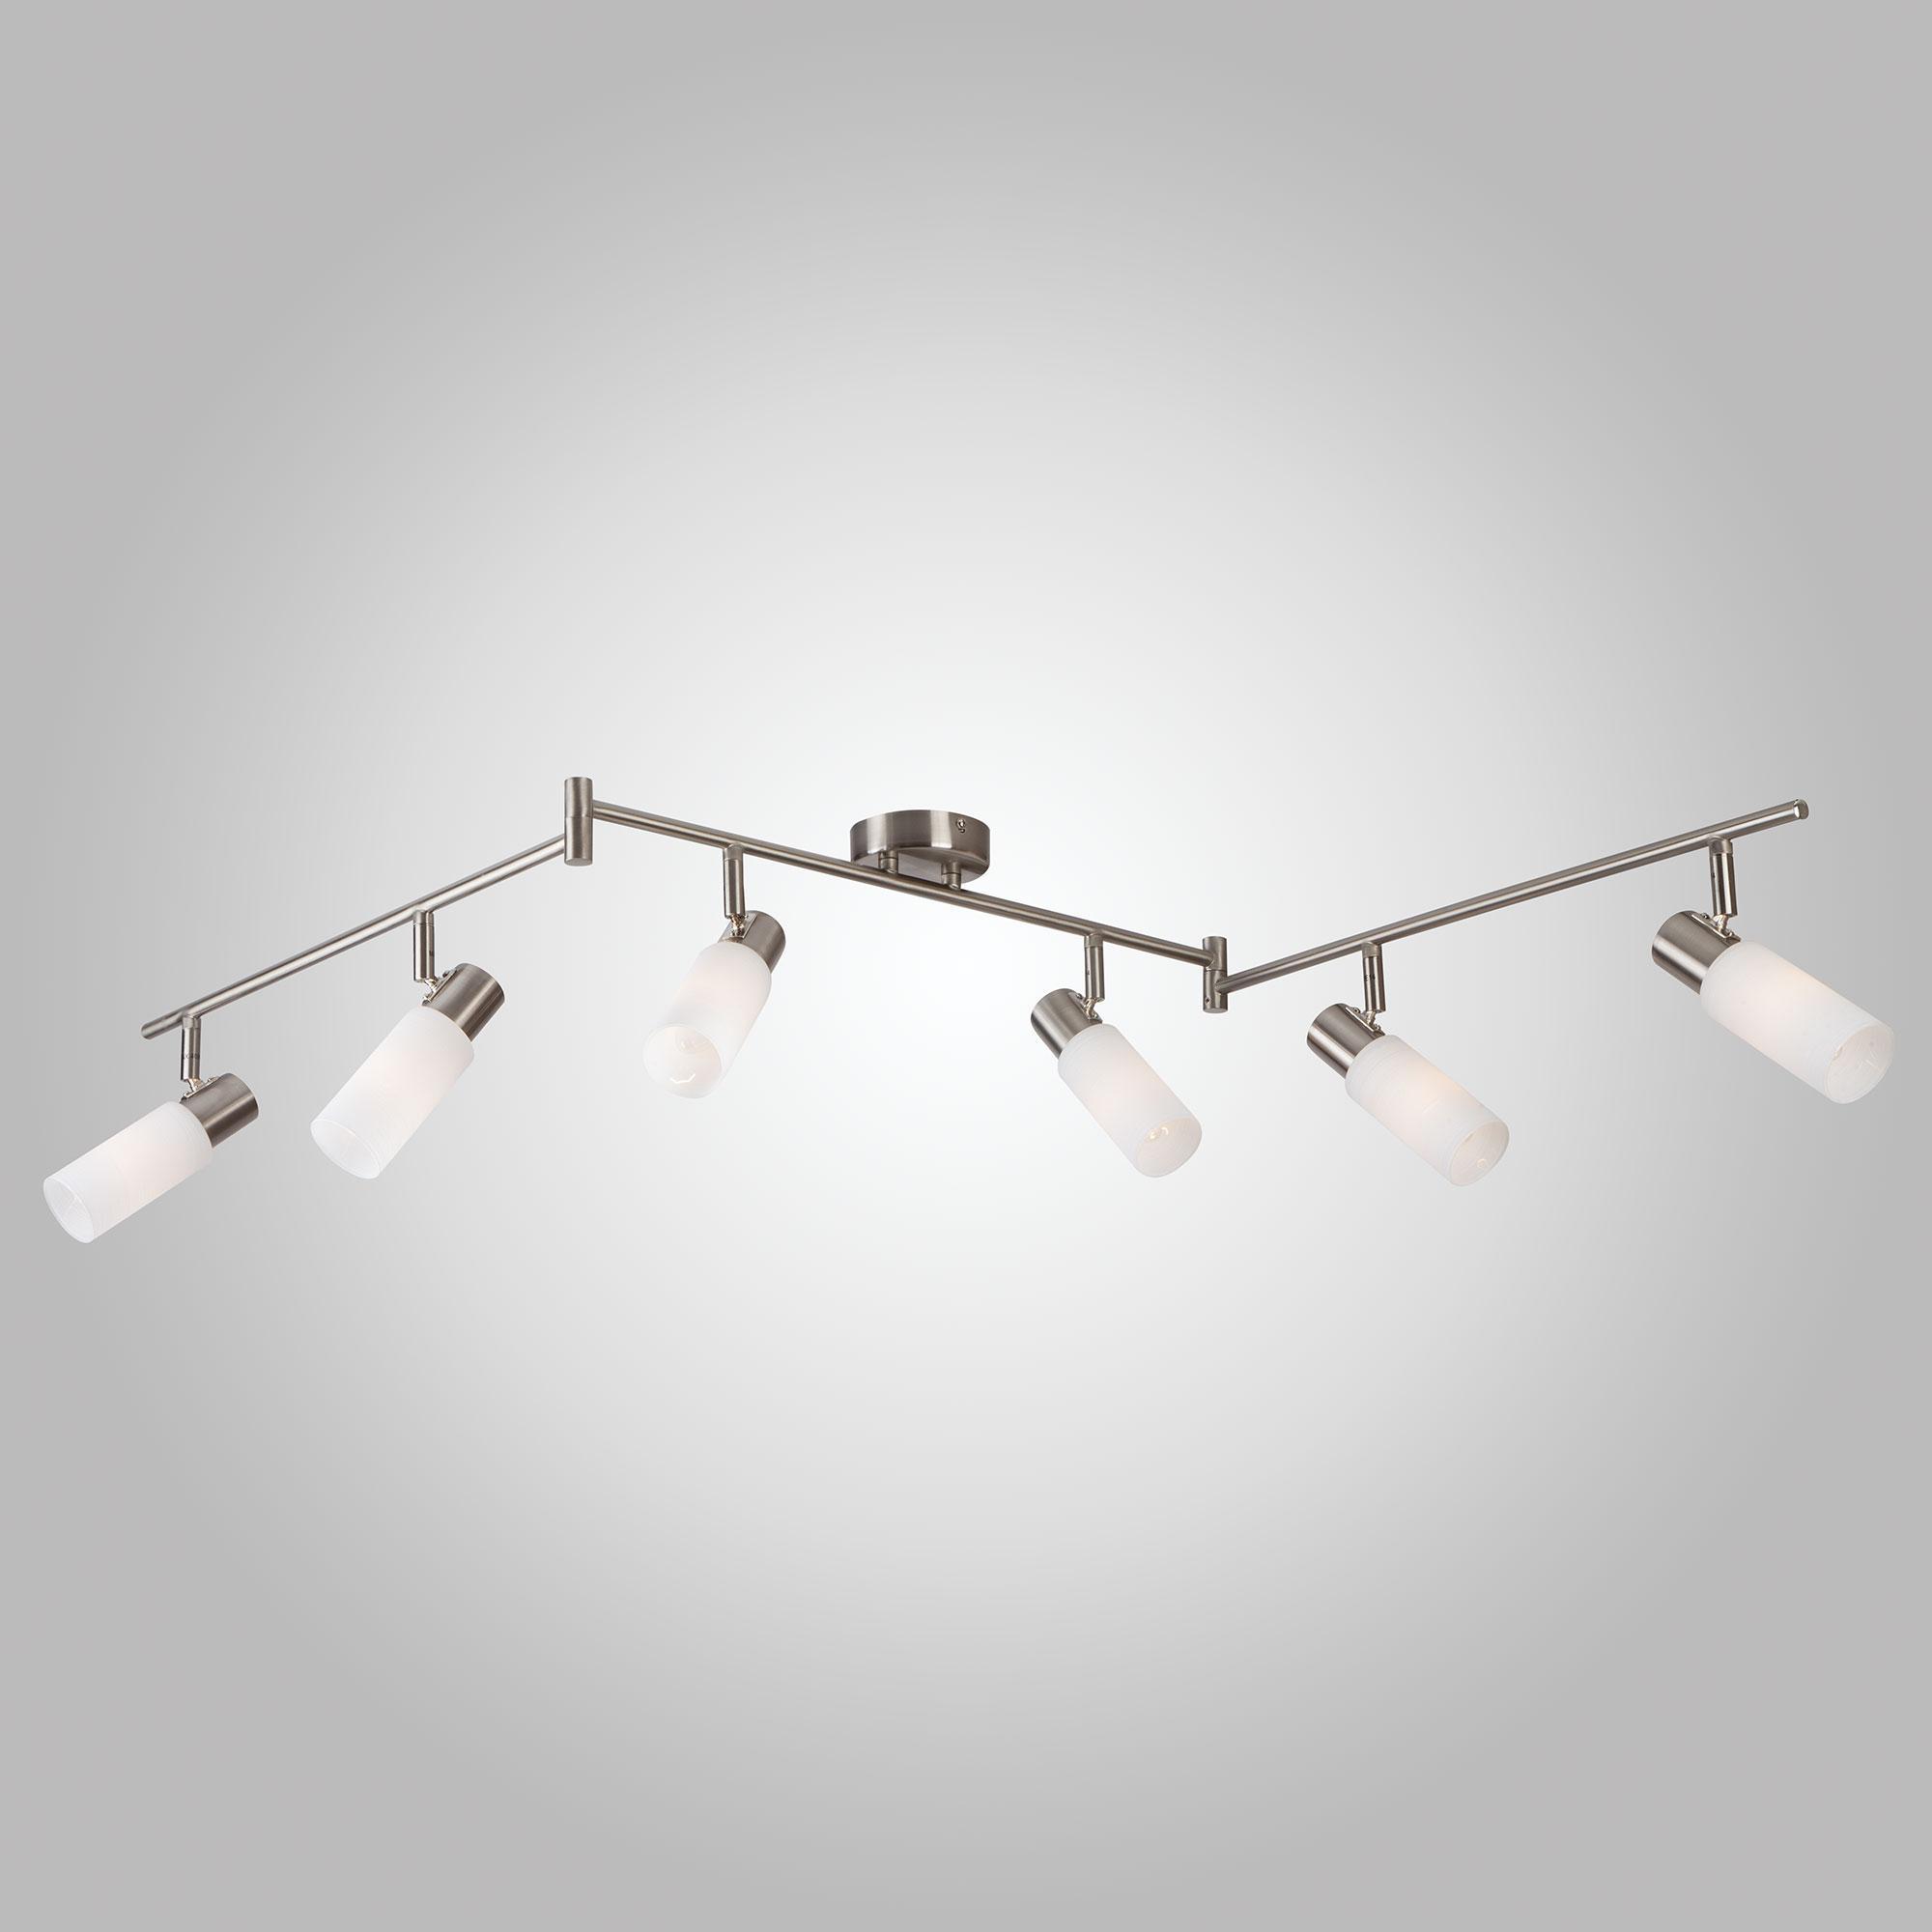 Потолочный светильник Eurosvet 20043/6 сатин-никель